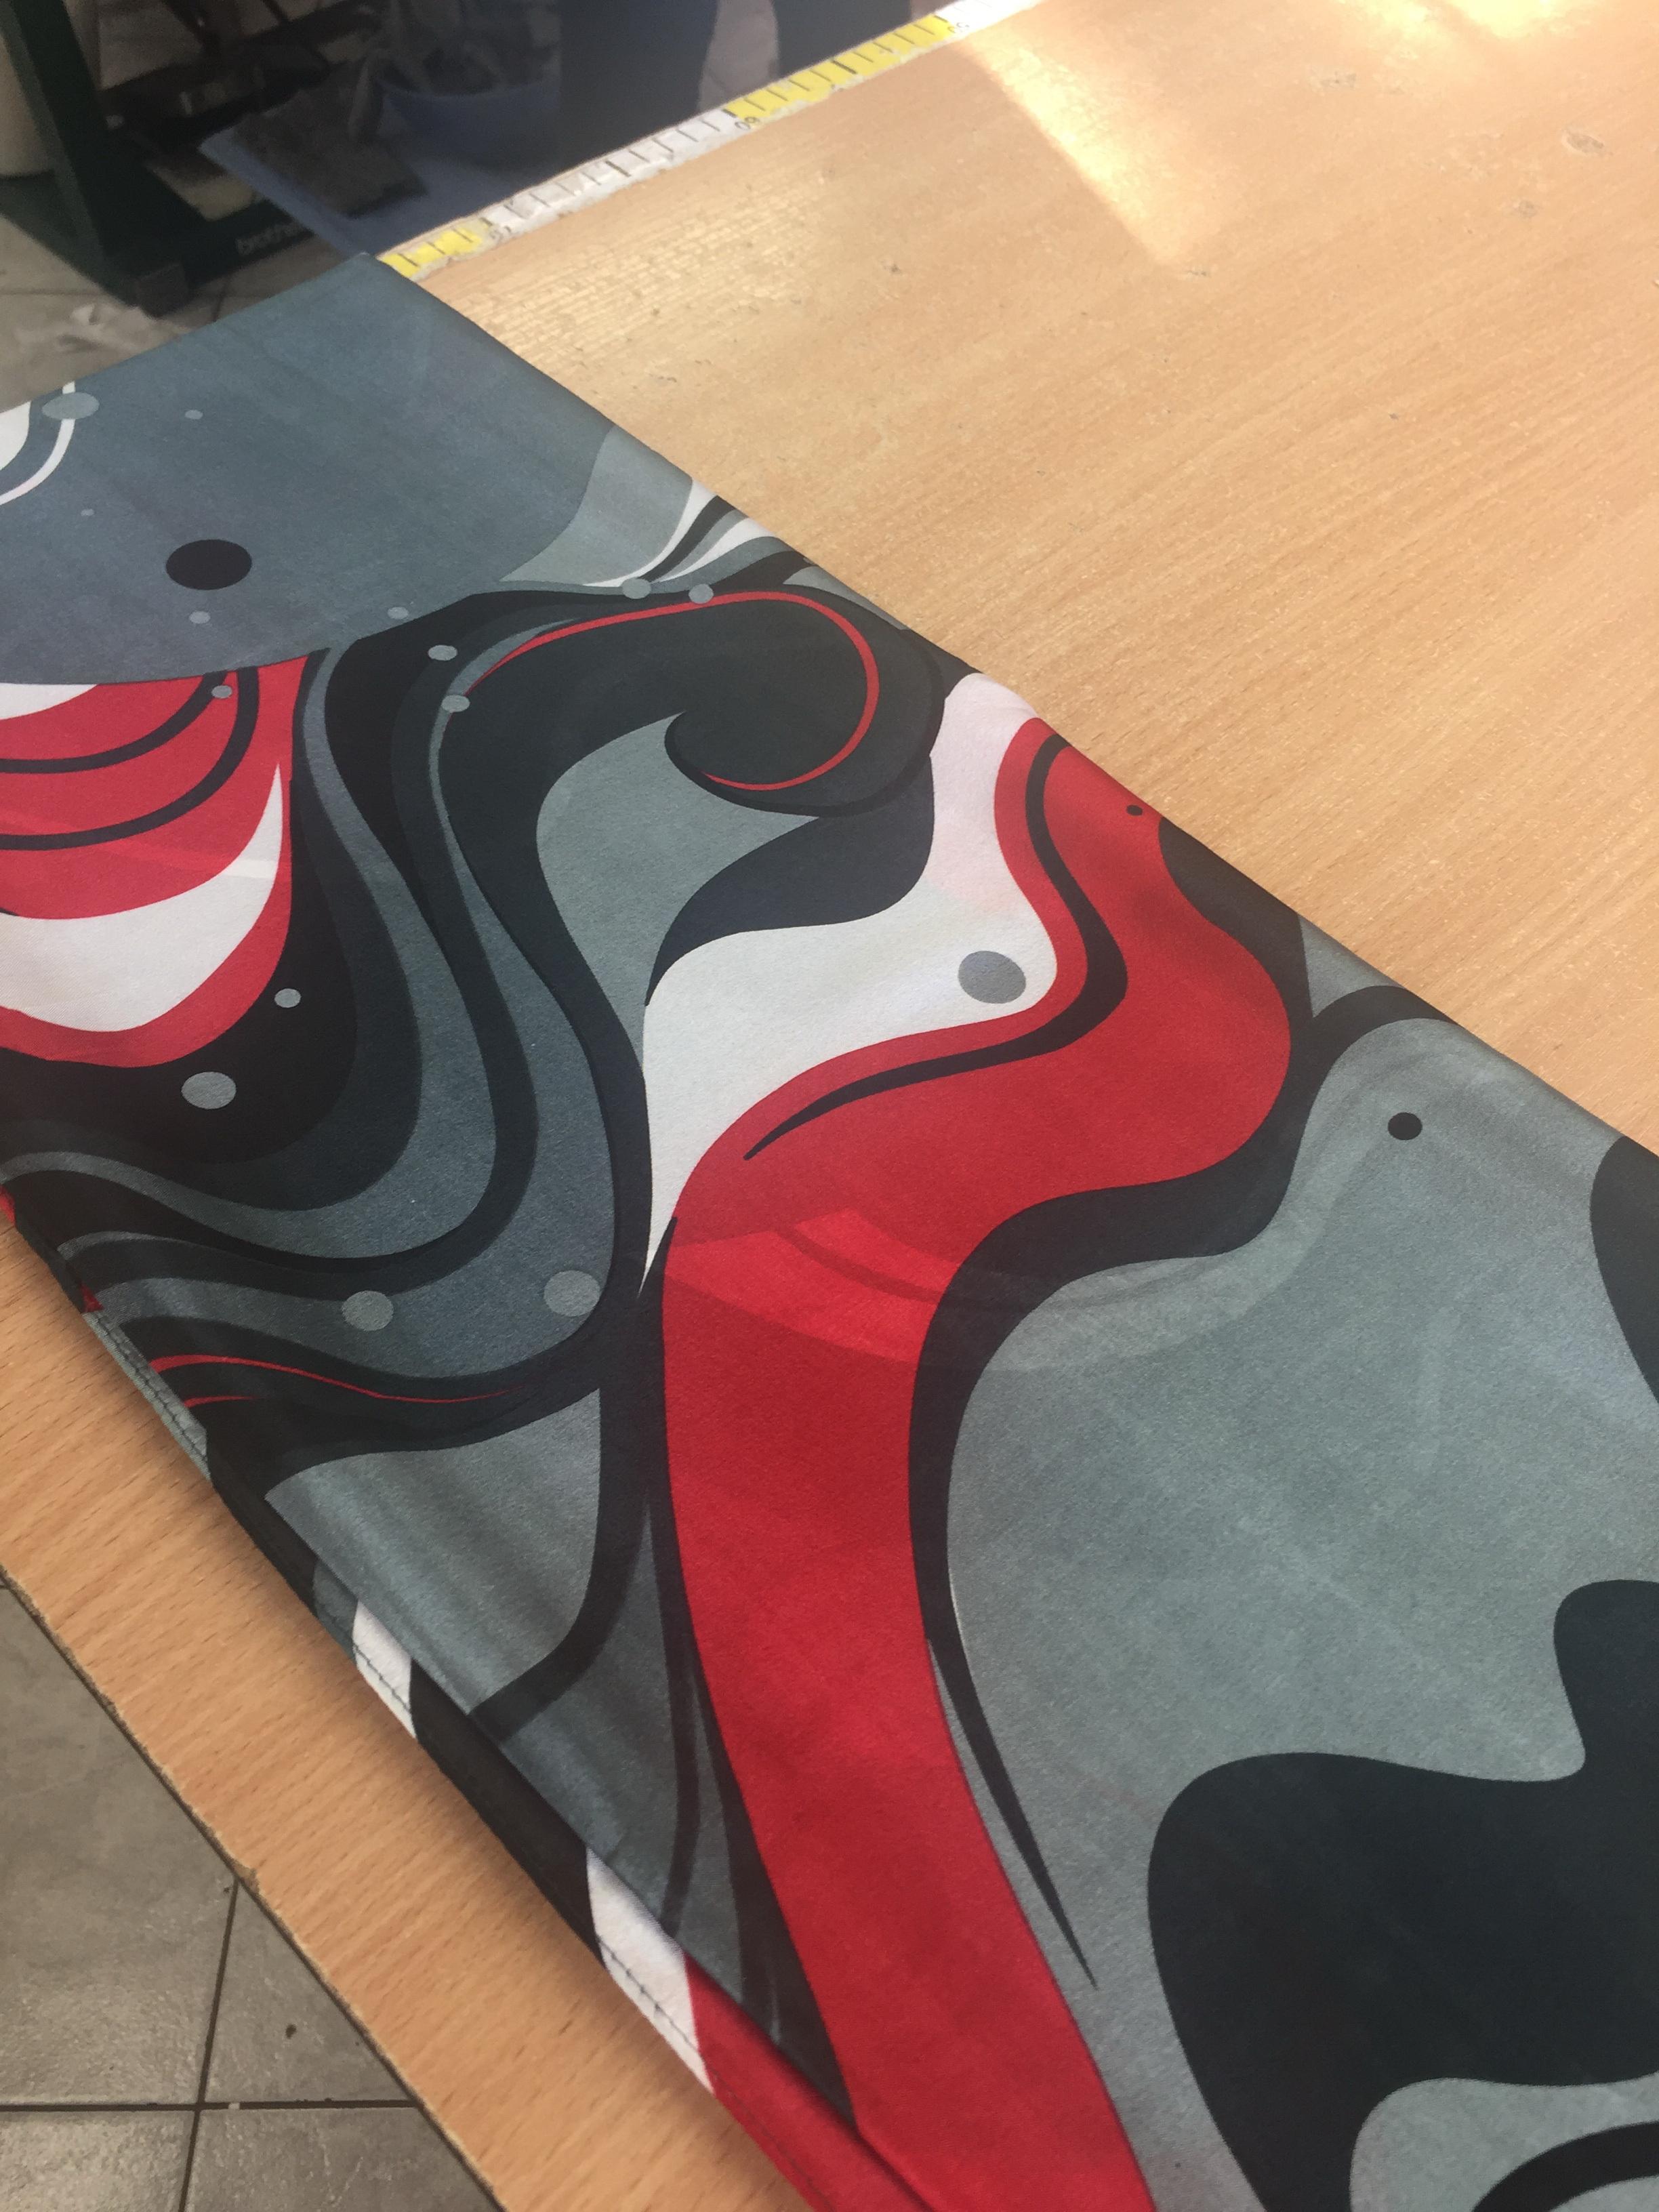 odziez-hotelowa-apaszka-szyfonowa-jedwabna-recepcja-obsluga-konferencji-ubranie-szara-czerwona